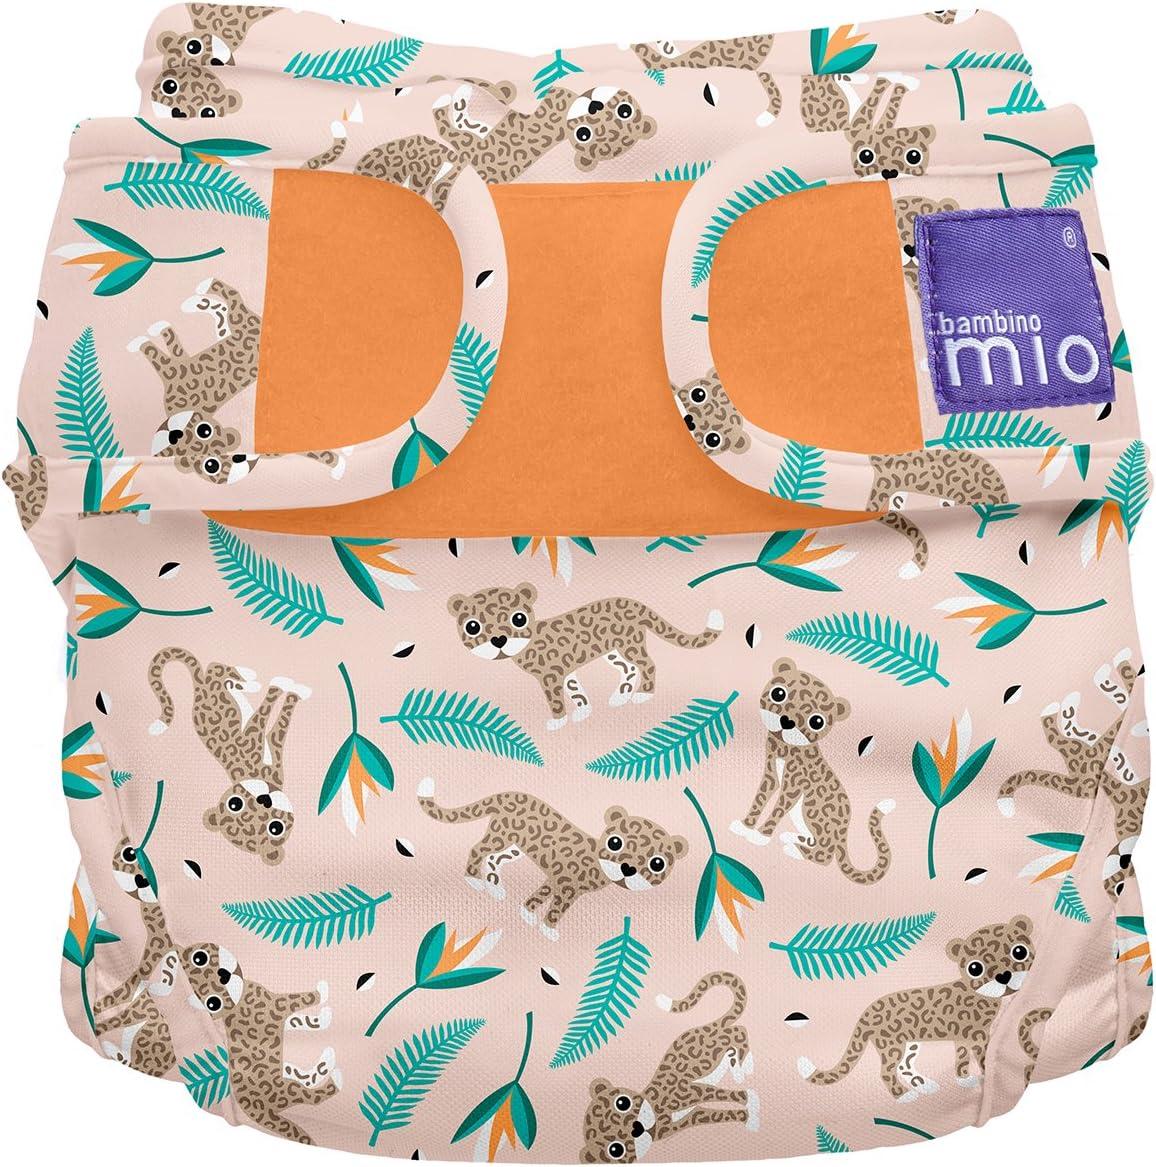 Bambino Mio, miosoft cobertor de pañal, gato salvaje, talla 2 (9 kg+)